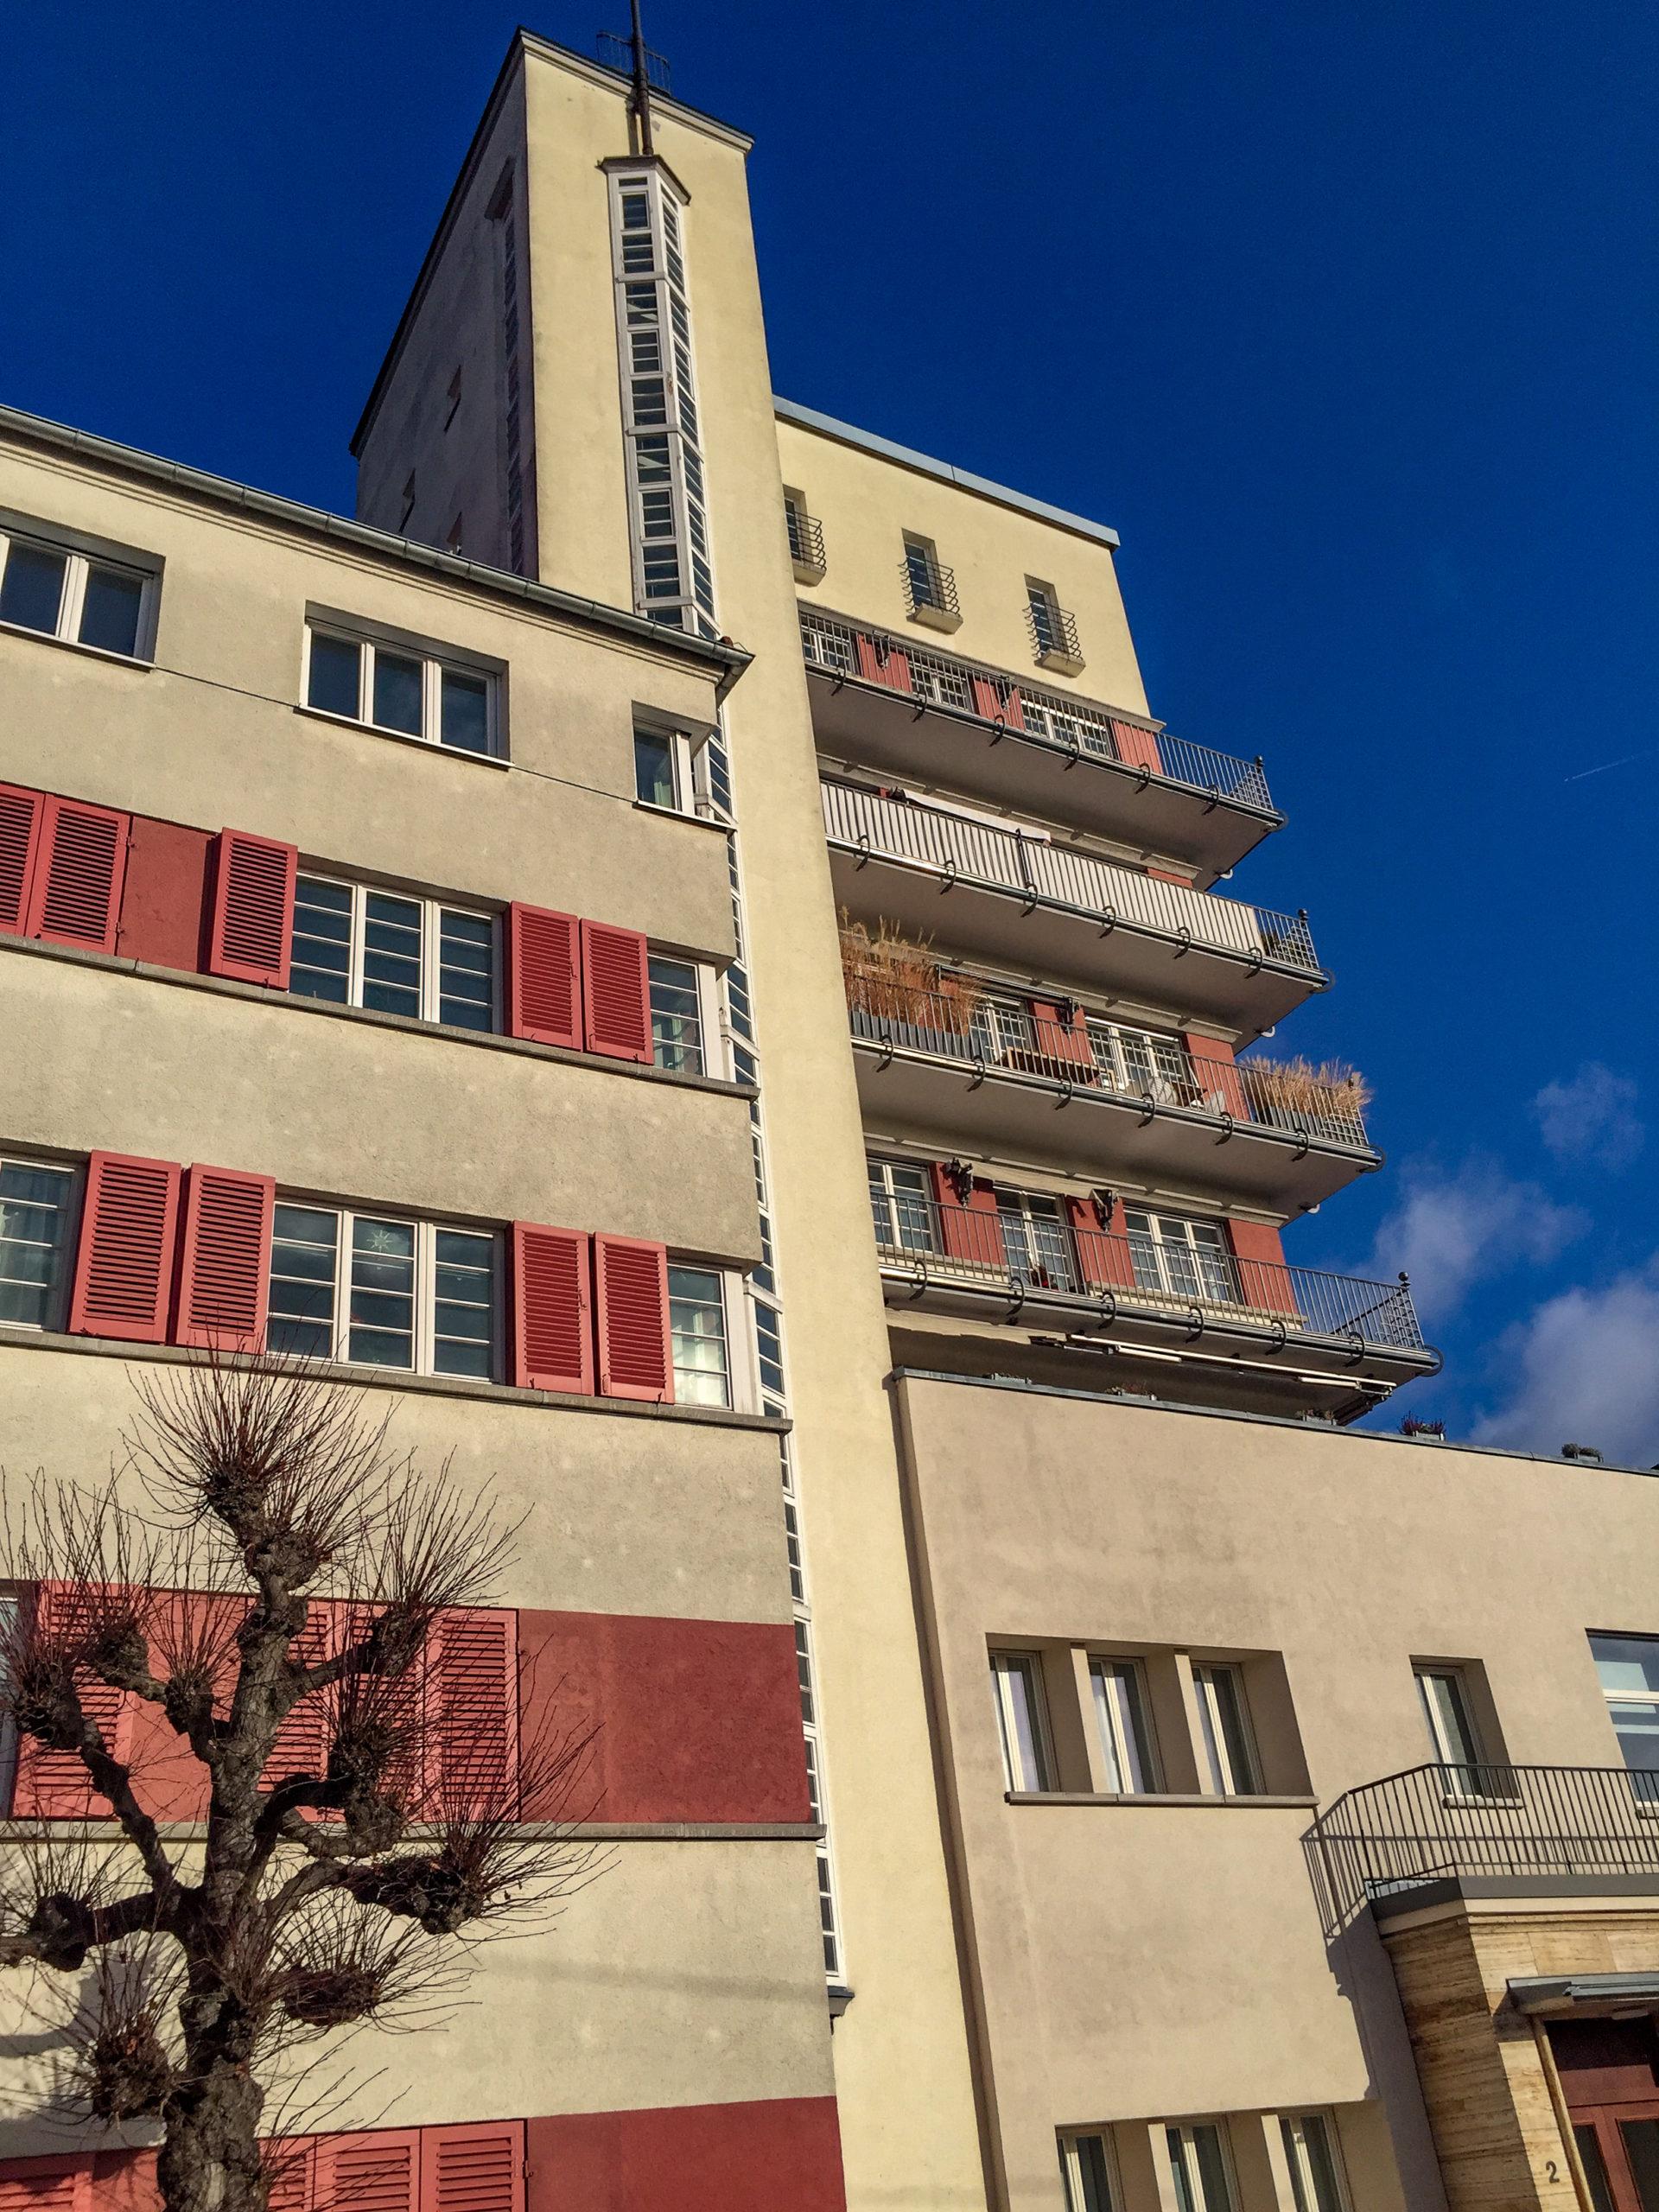 Friedrich-Ebert-Wohnhof, 1927-1929. Architect: Karl Beer